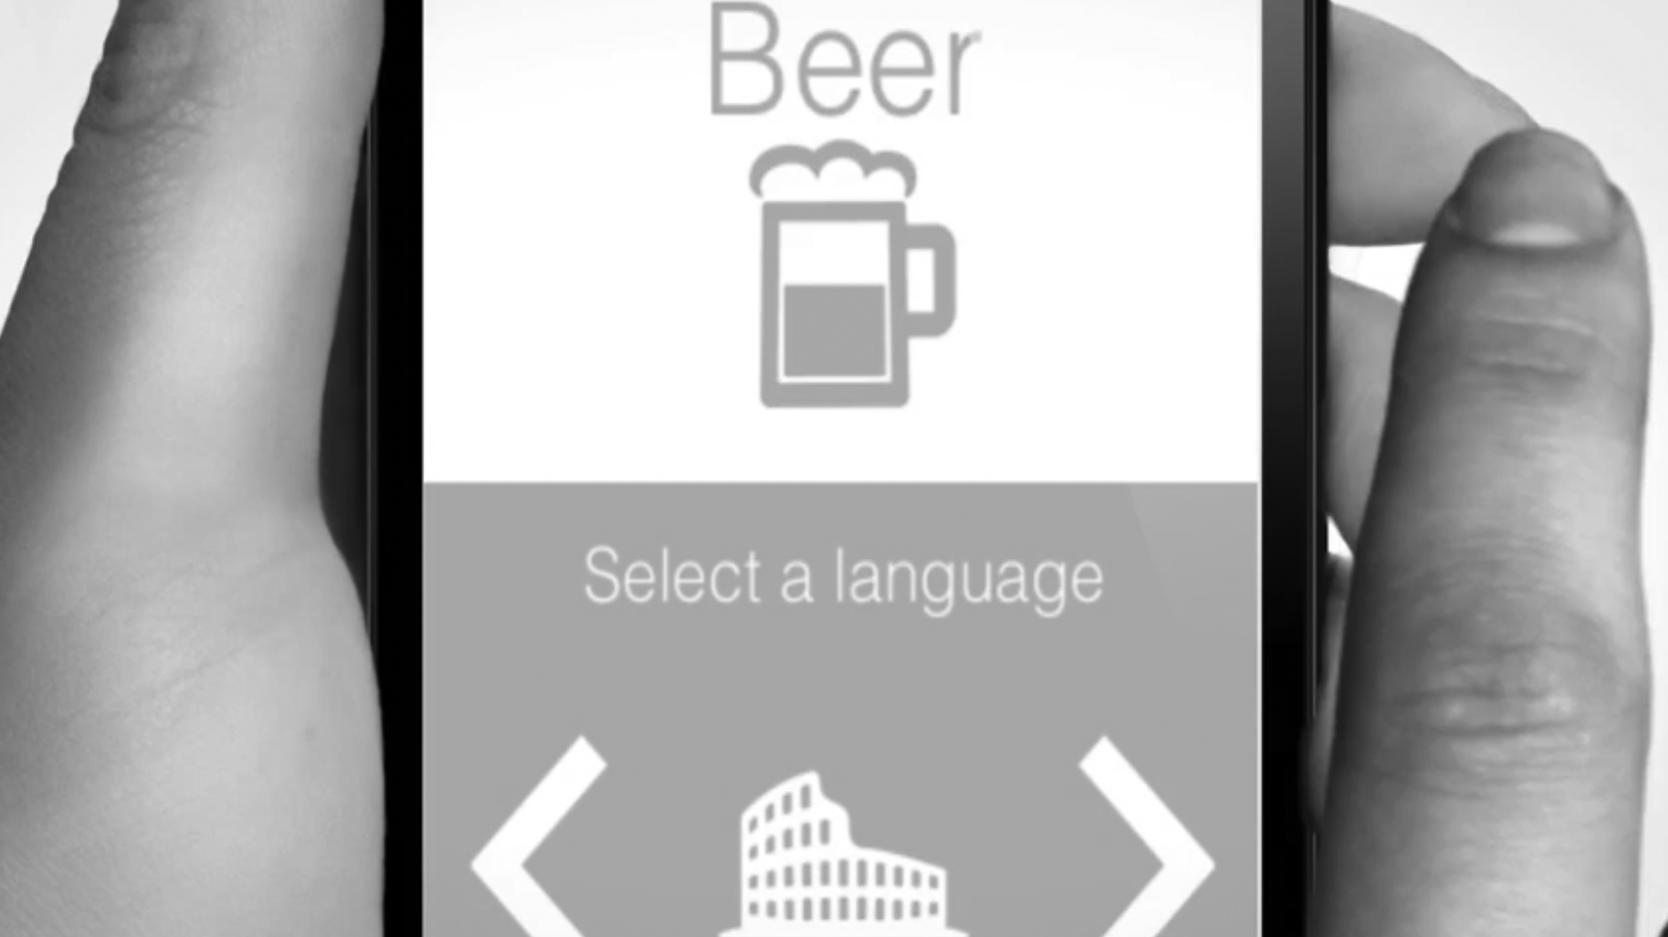 APP Bier